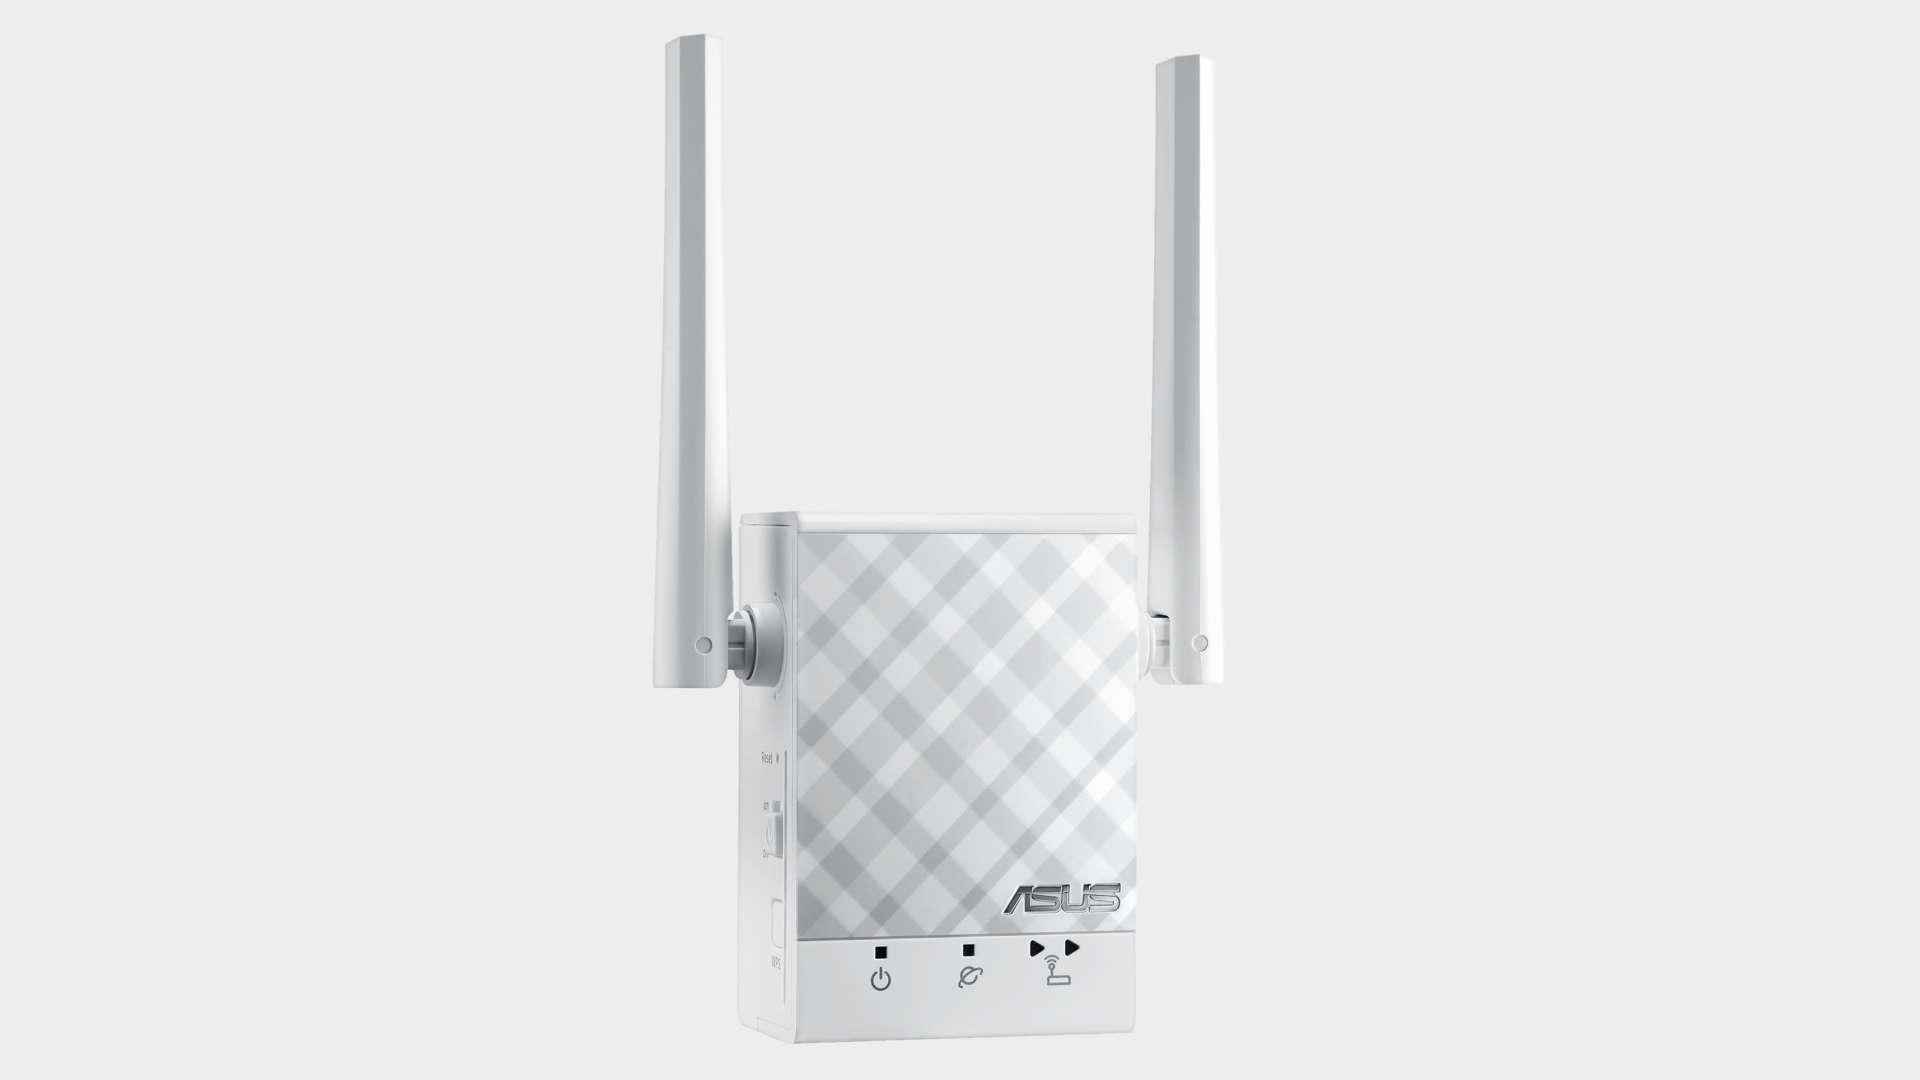 Asus AC750 Wi-Fi range extender